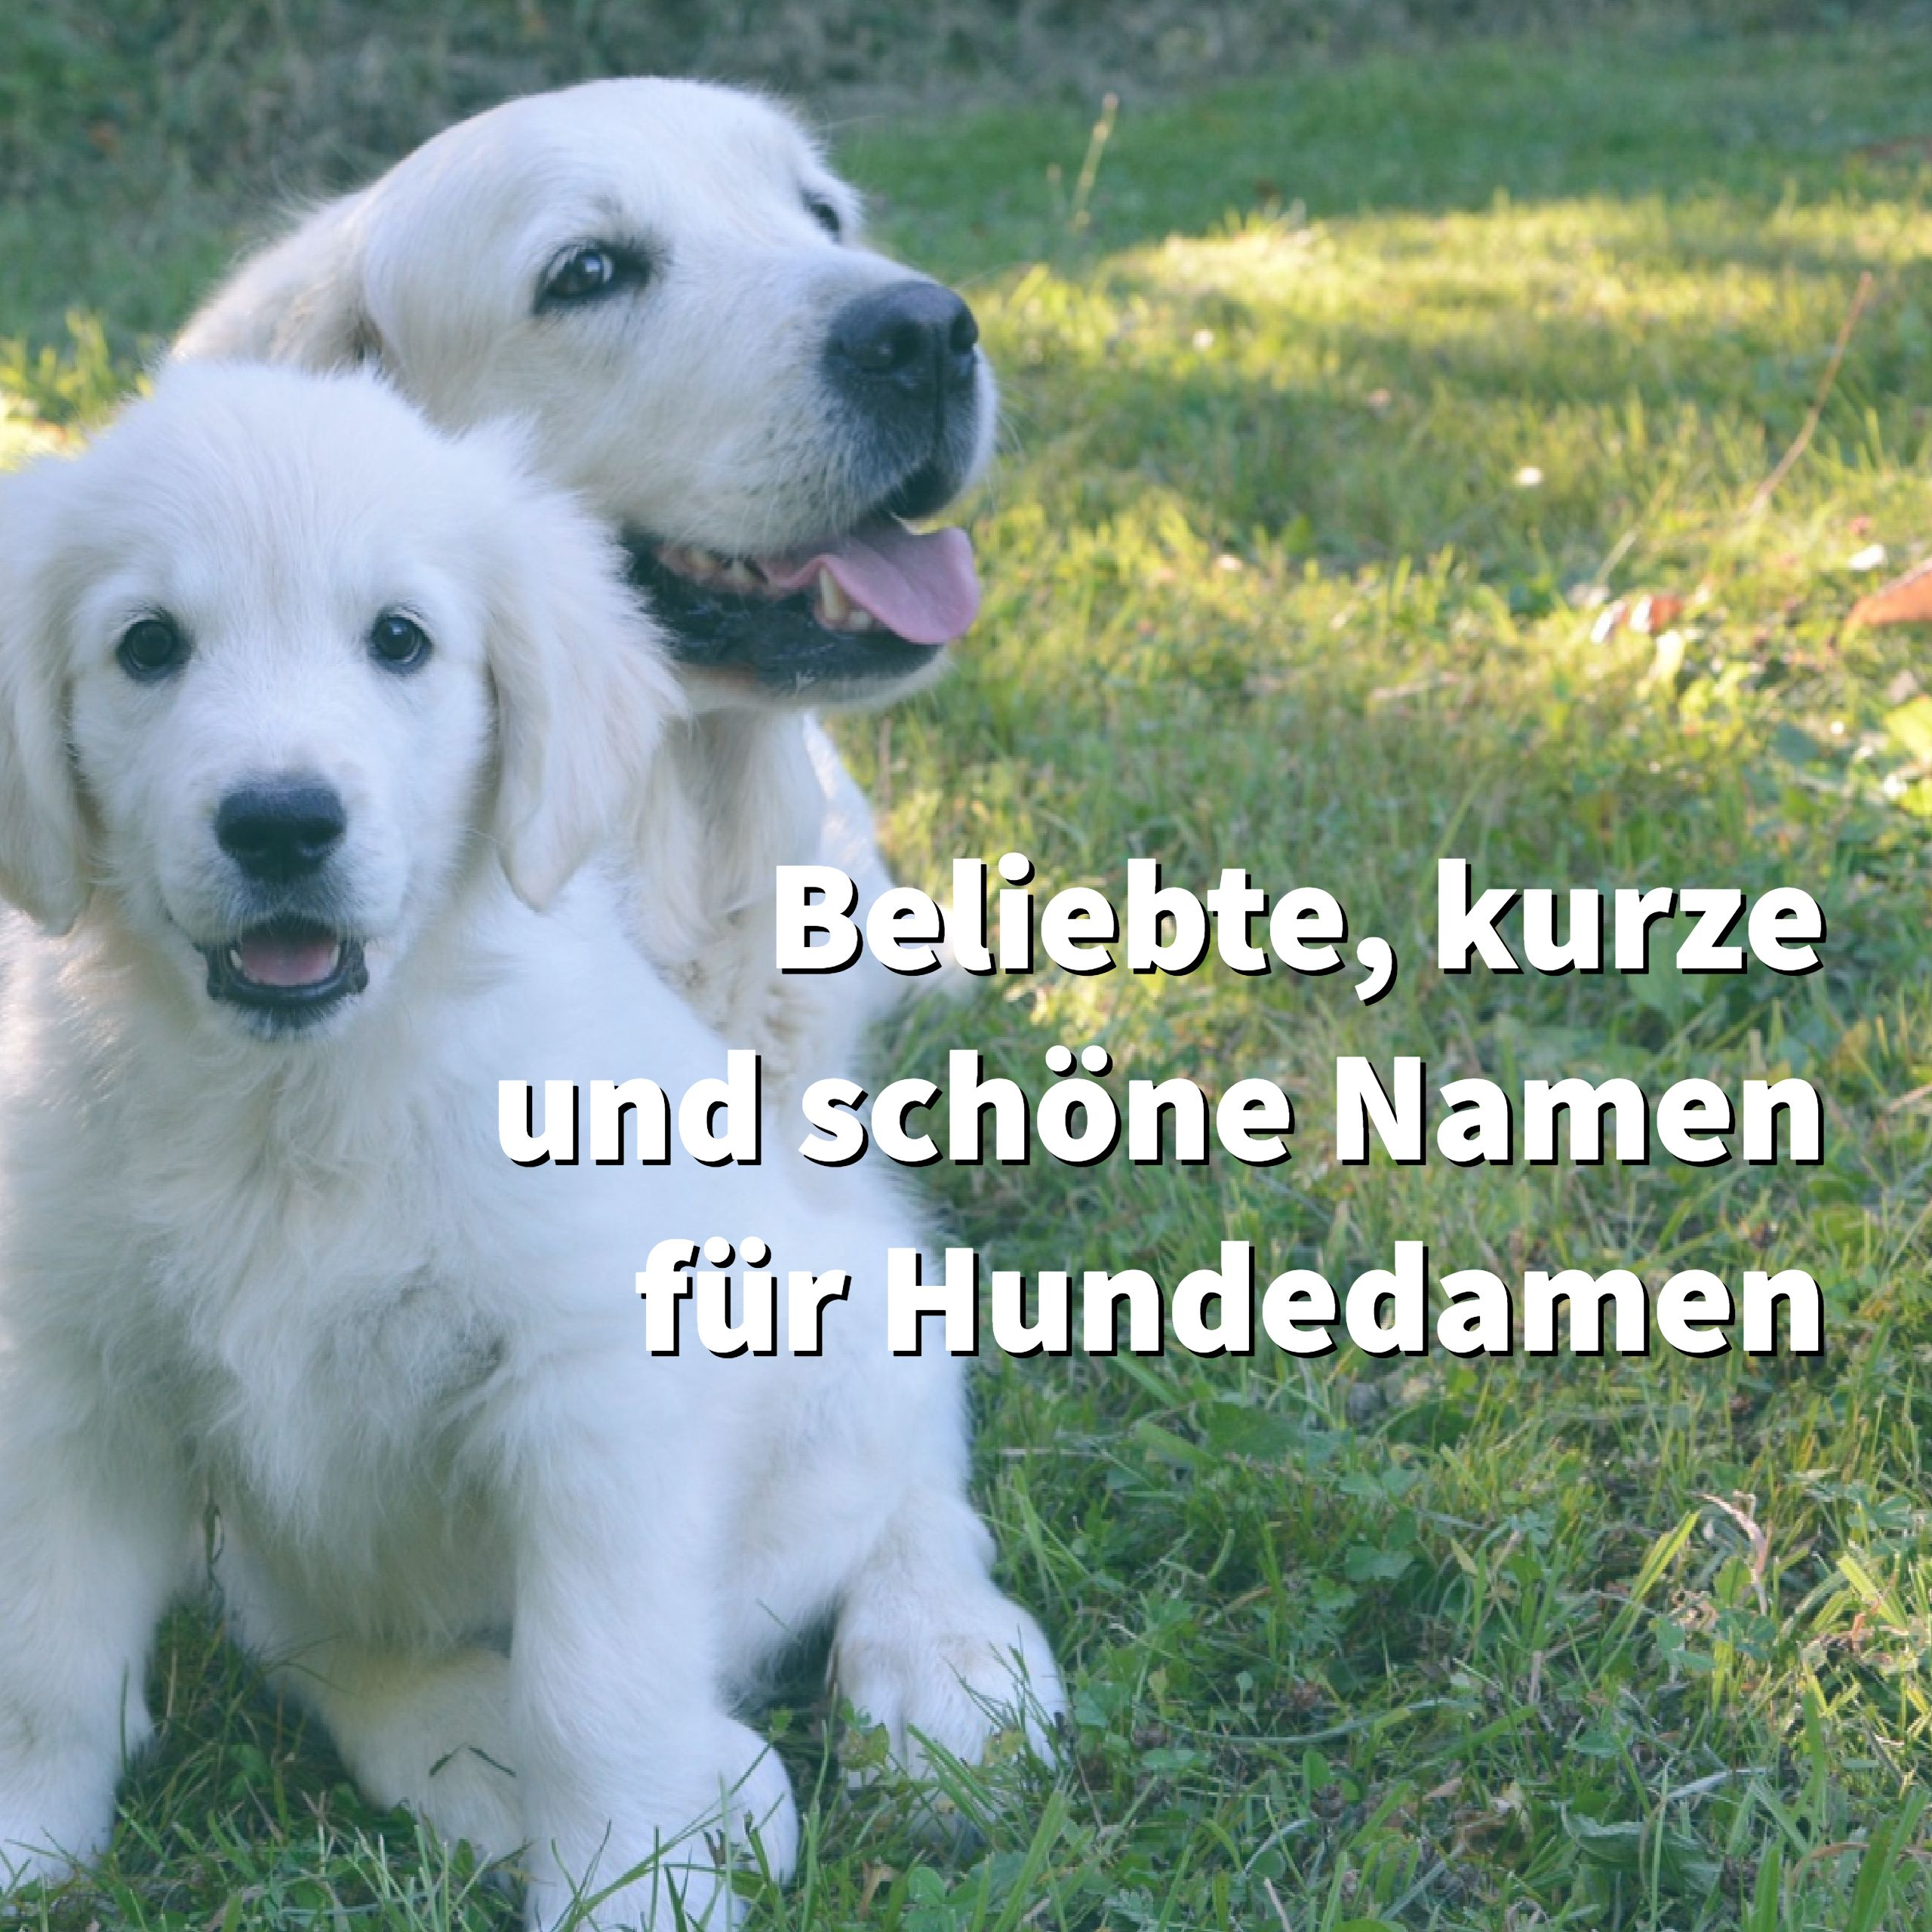 Top 10 Der Beliebtesten Weiblichen Hundenamen Liste Schoner Kurzer Namen Fur Hundedamen Weibliche Hundenamen Hundenamen Hunde